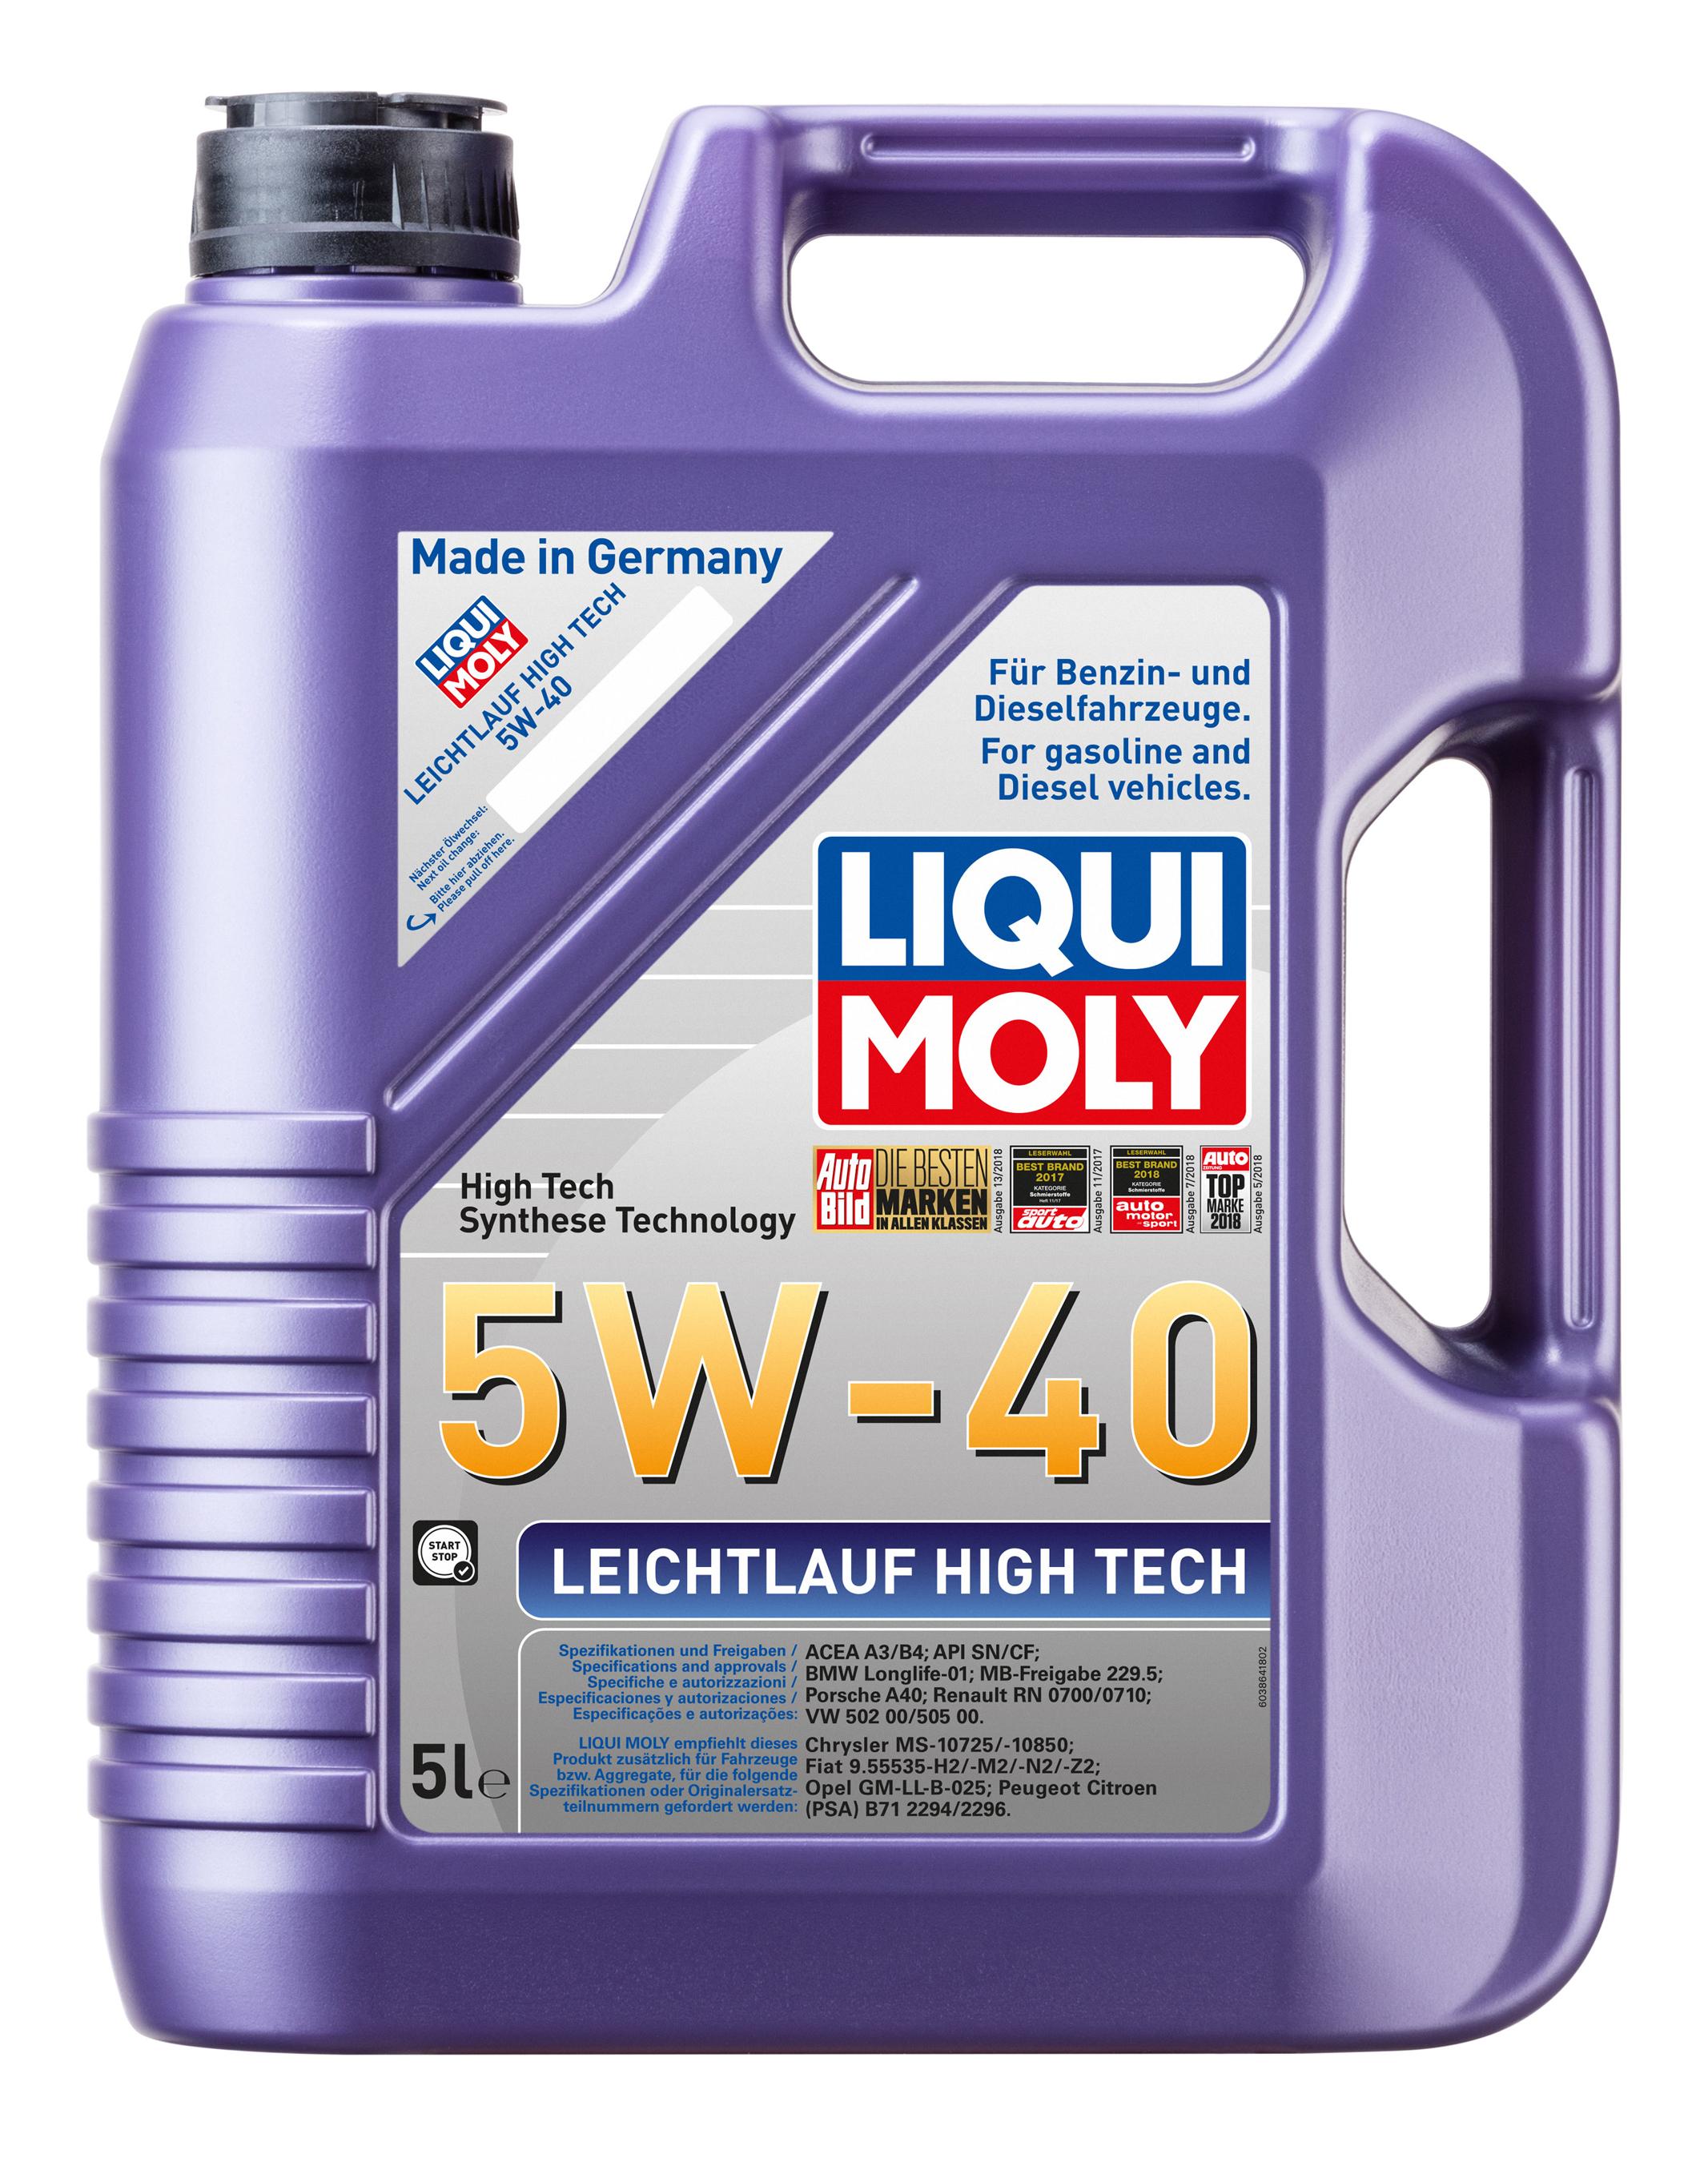 Liqui Moly Leichtlaufmotoröl Leichtlauf HighTech 5W-40 5 Liter Bild 1